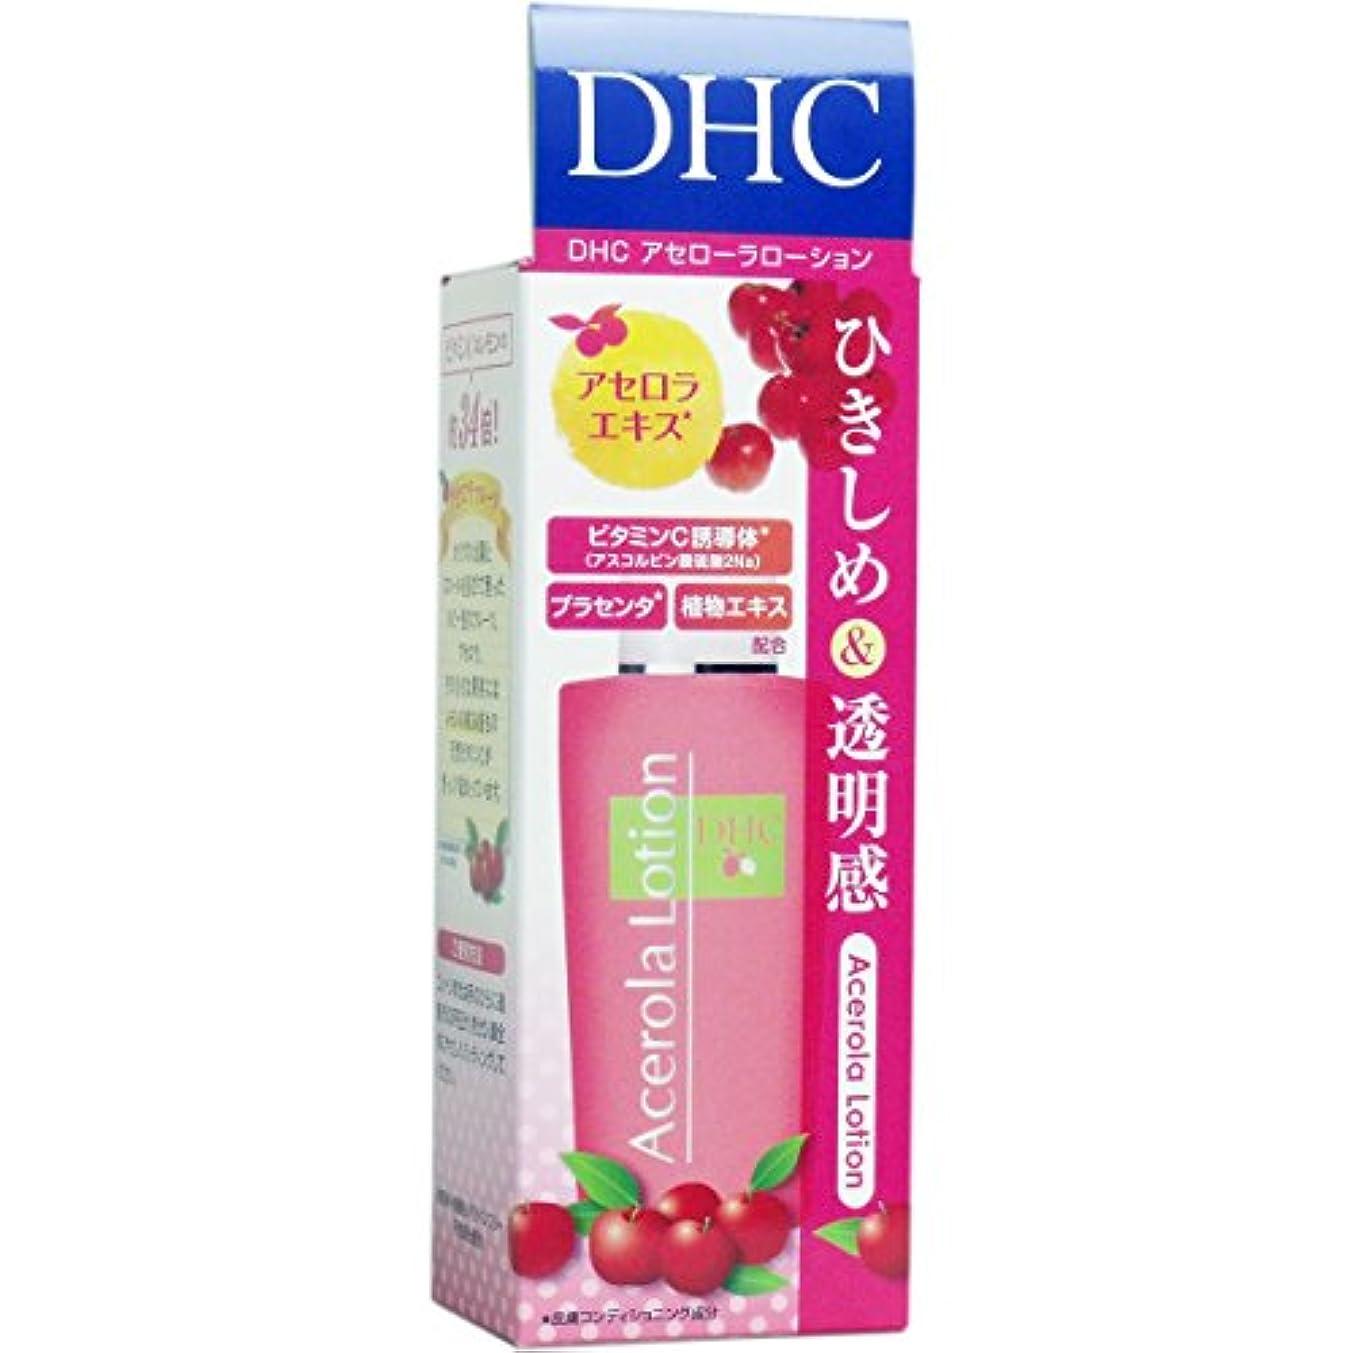 判読できない受動的床【DHC】DHC アセローラローション(SS) 40ml ×5個セット